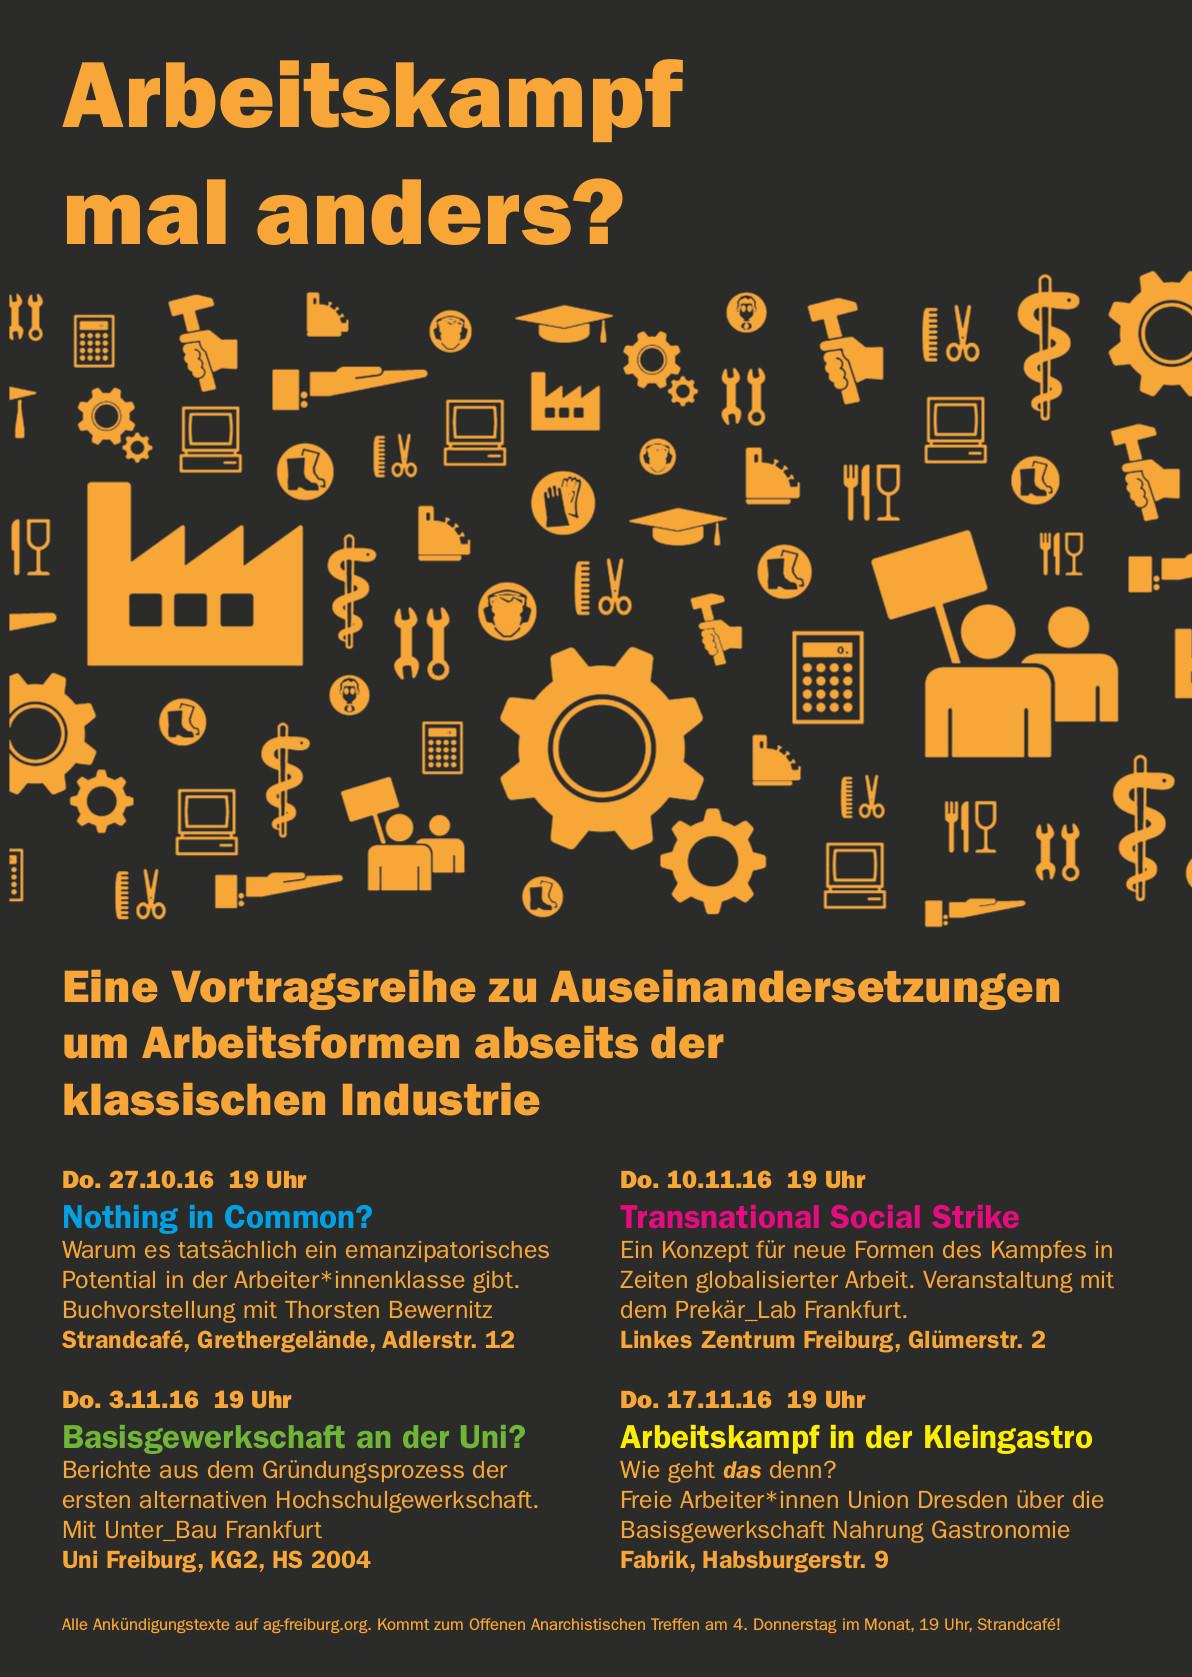 http://www.ag-freiburg.org/cms/wp-content/uploads/2016/10/plakat-reihe-arbeit-1.jpg